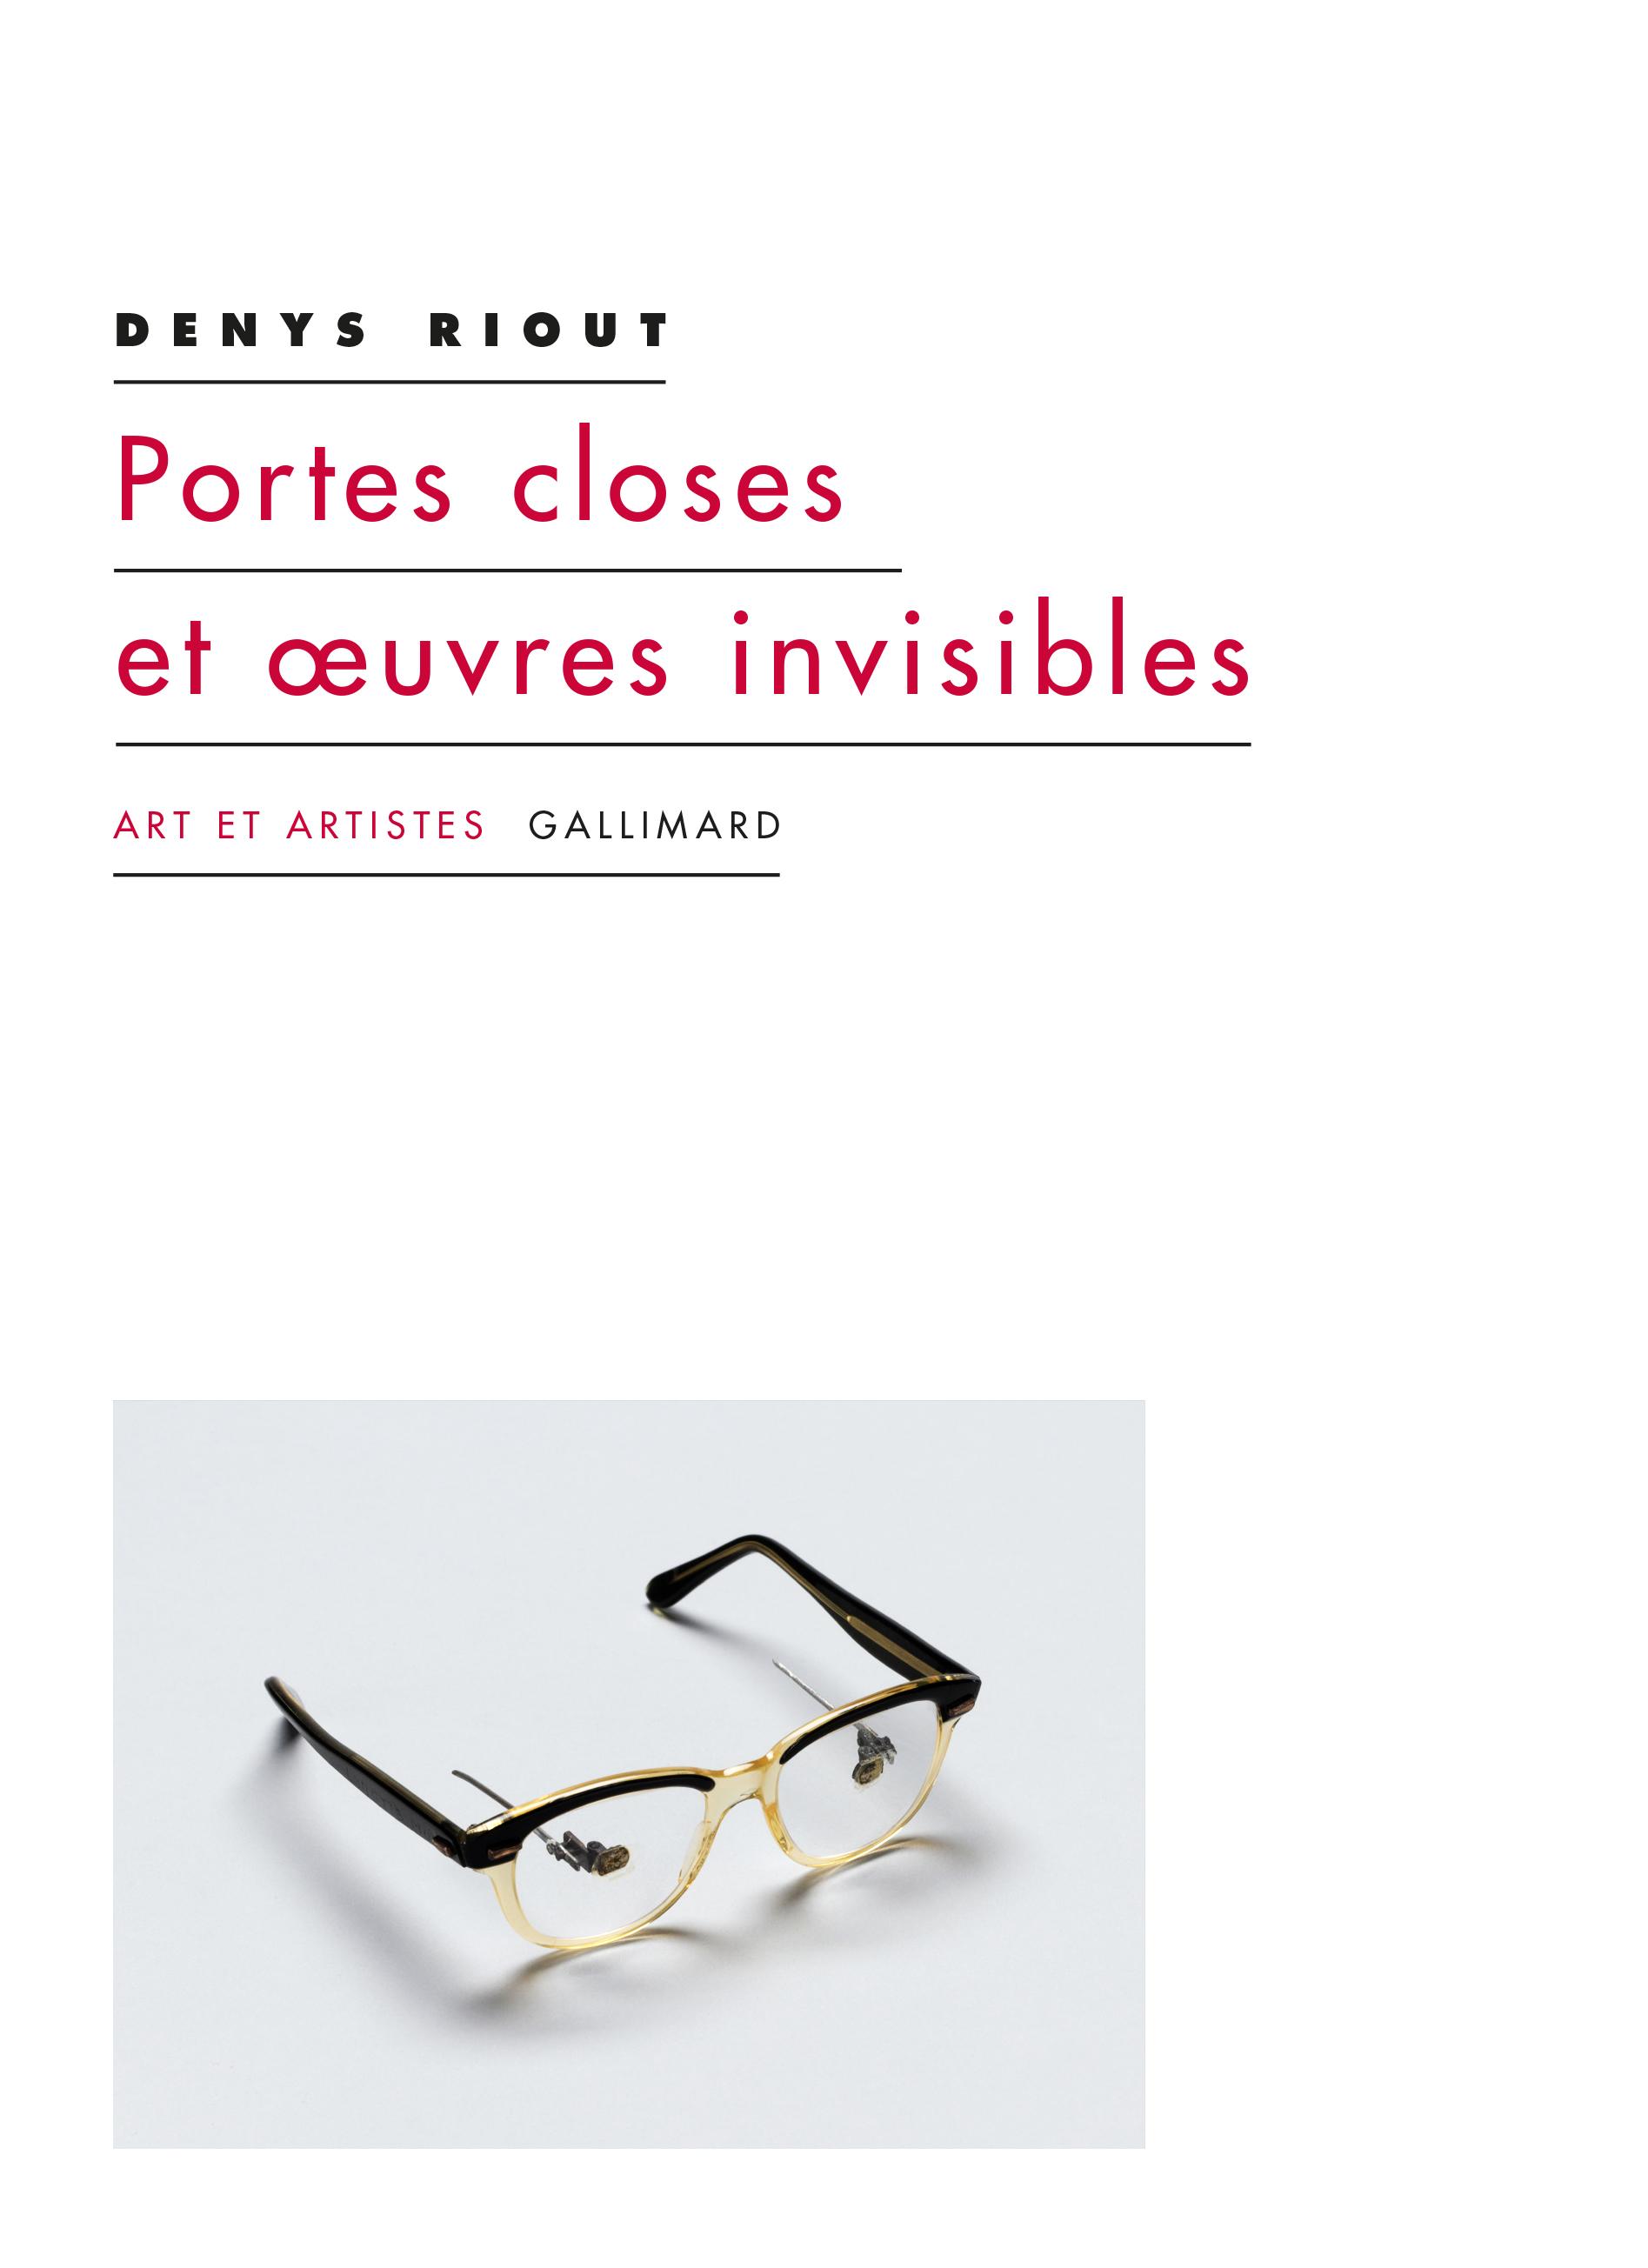 D. Ryout, Portes closes et œuvres invisibles